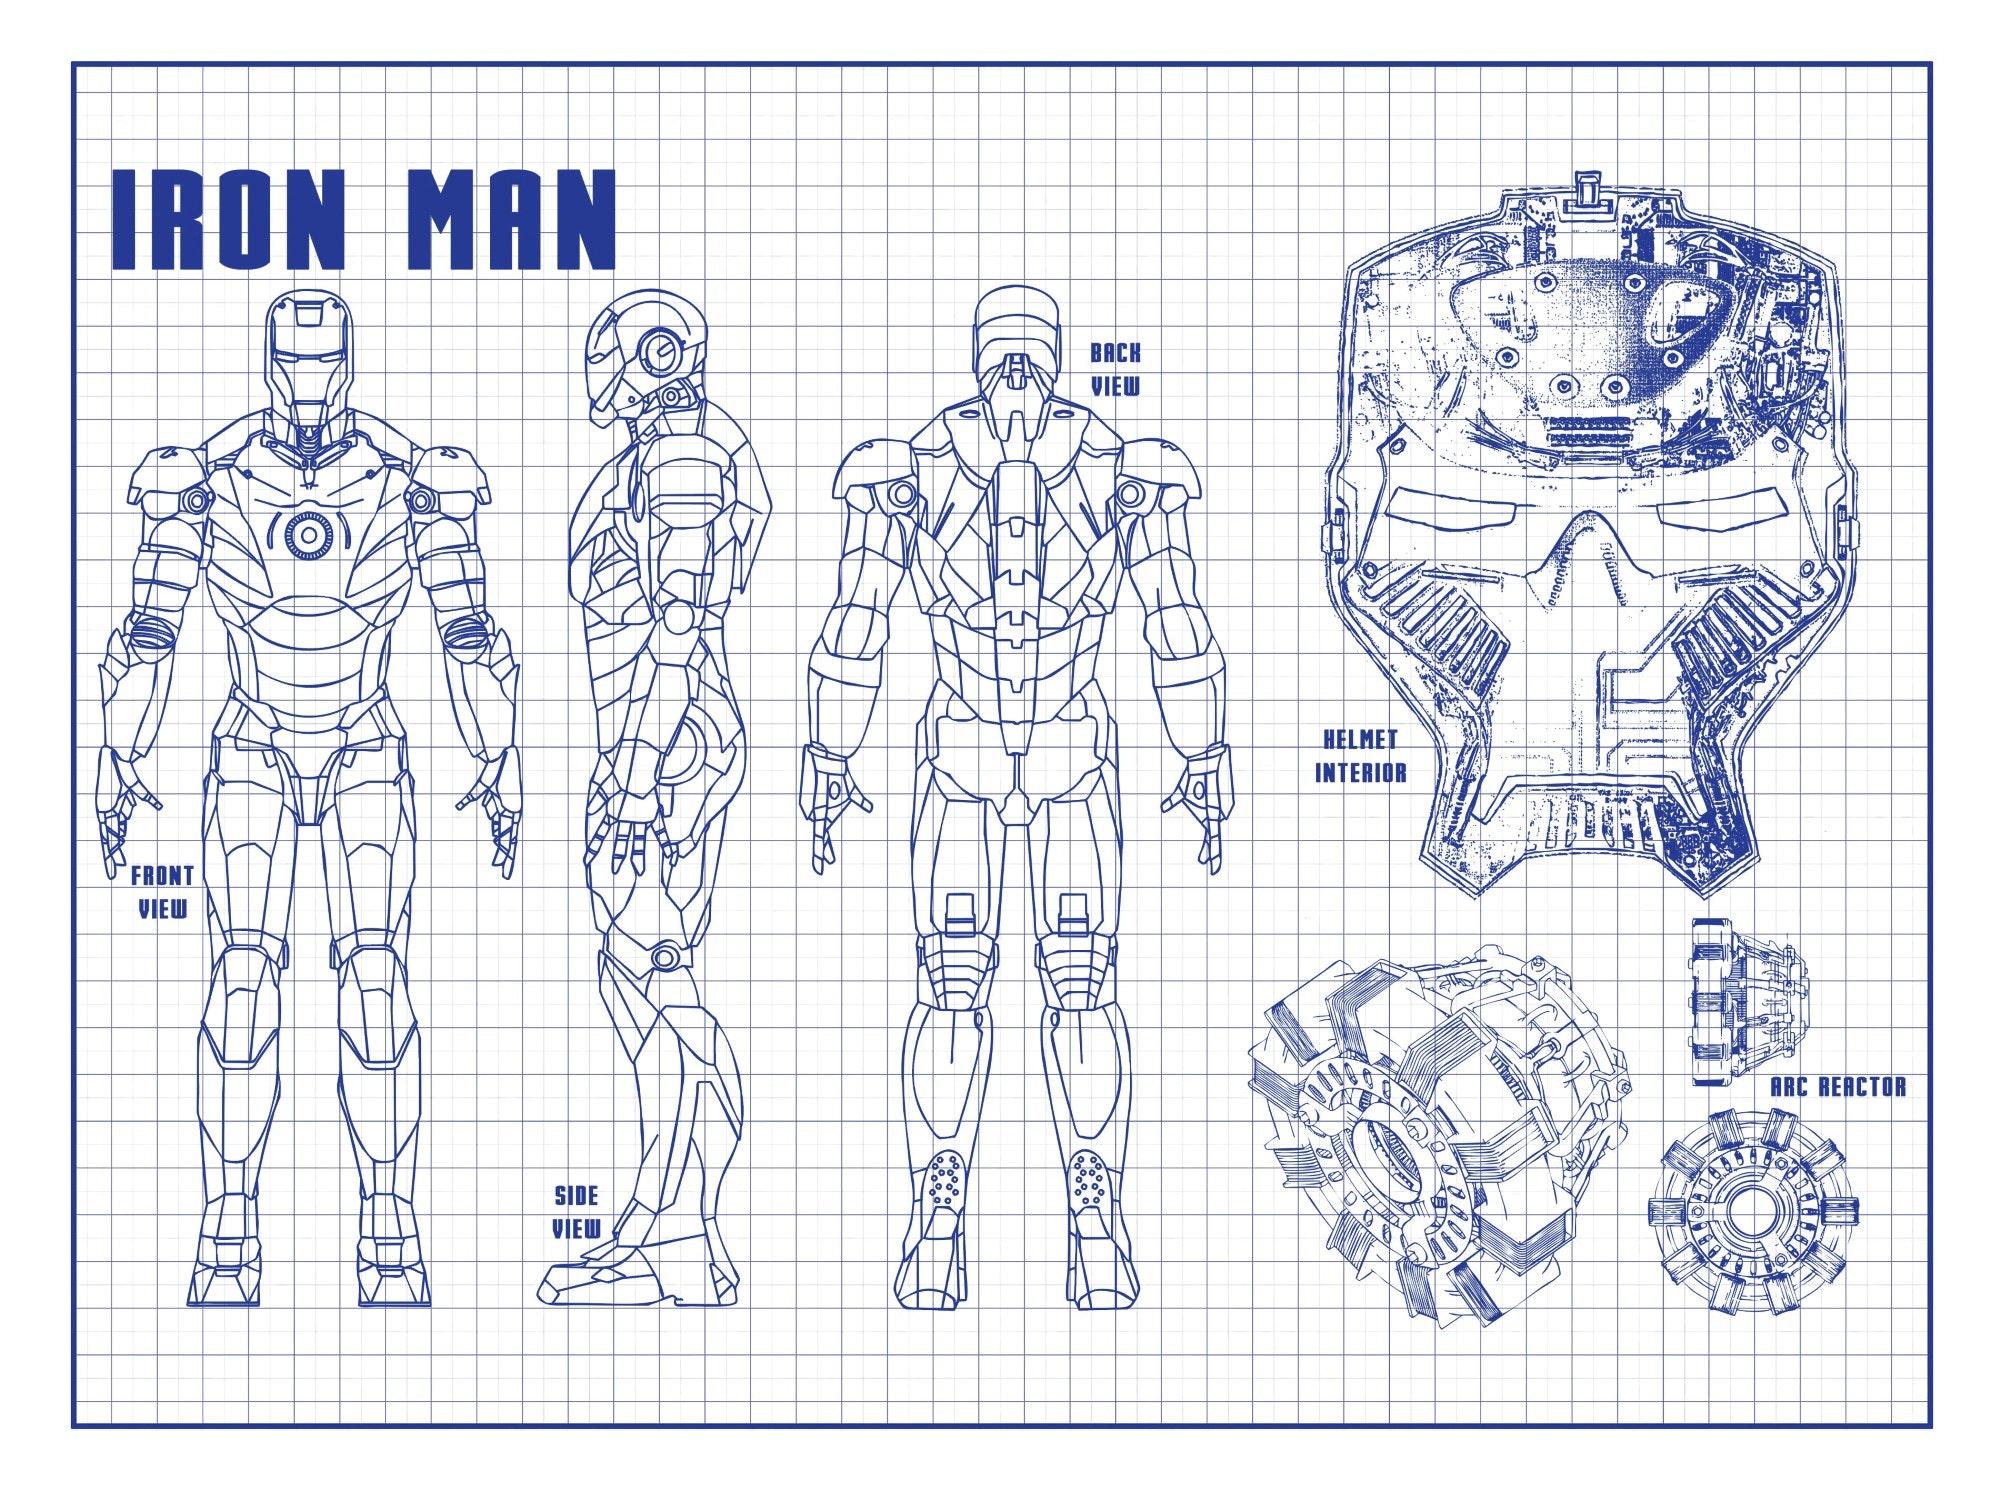 Iron Man - Suit design